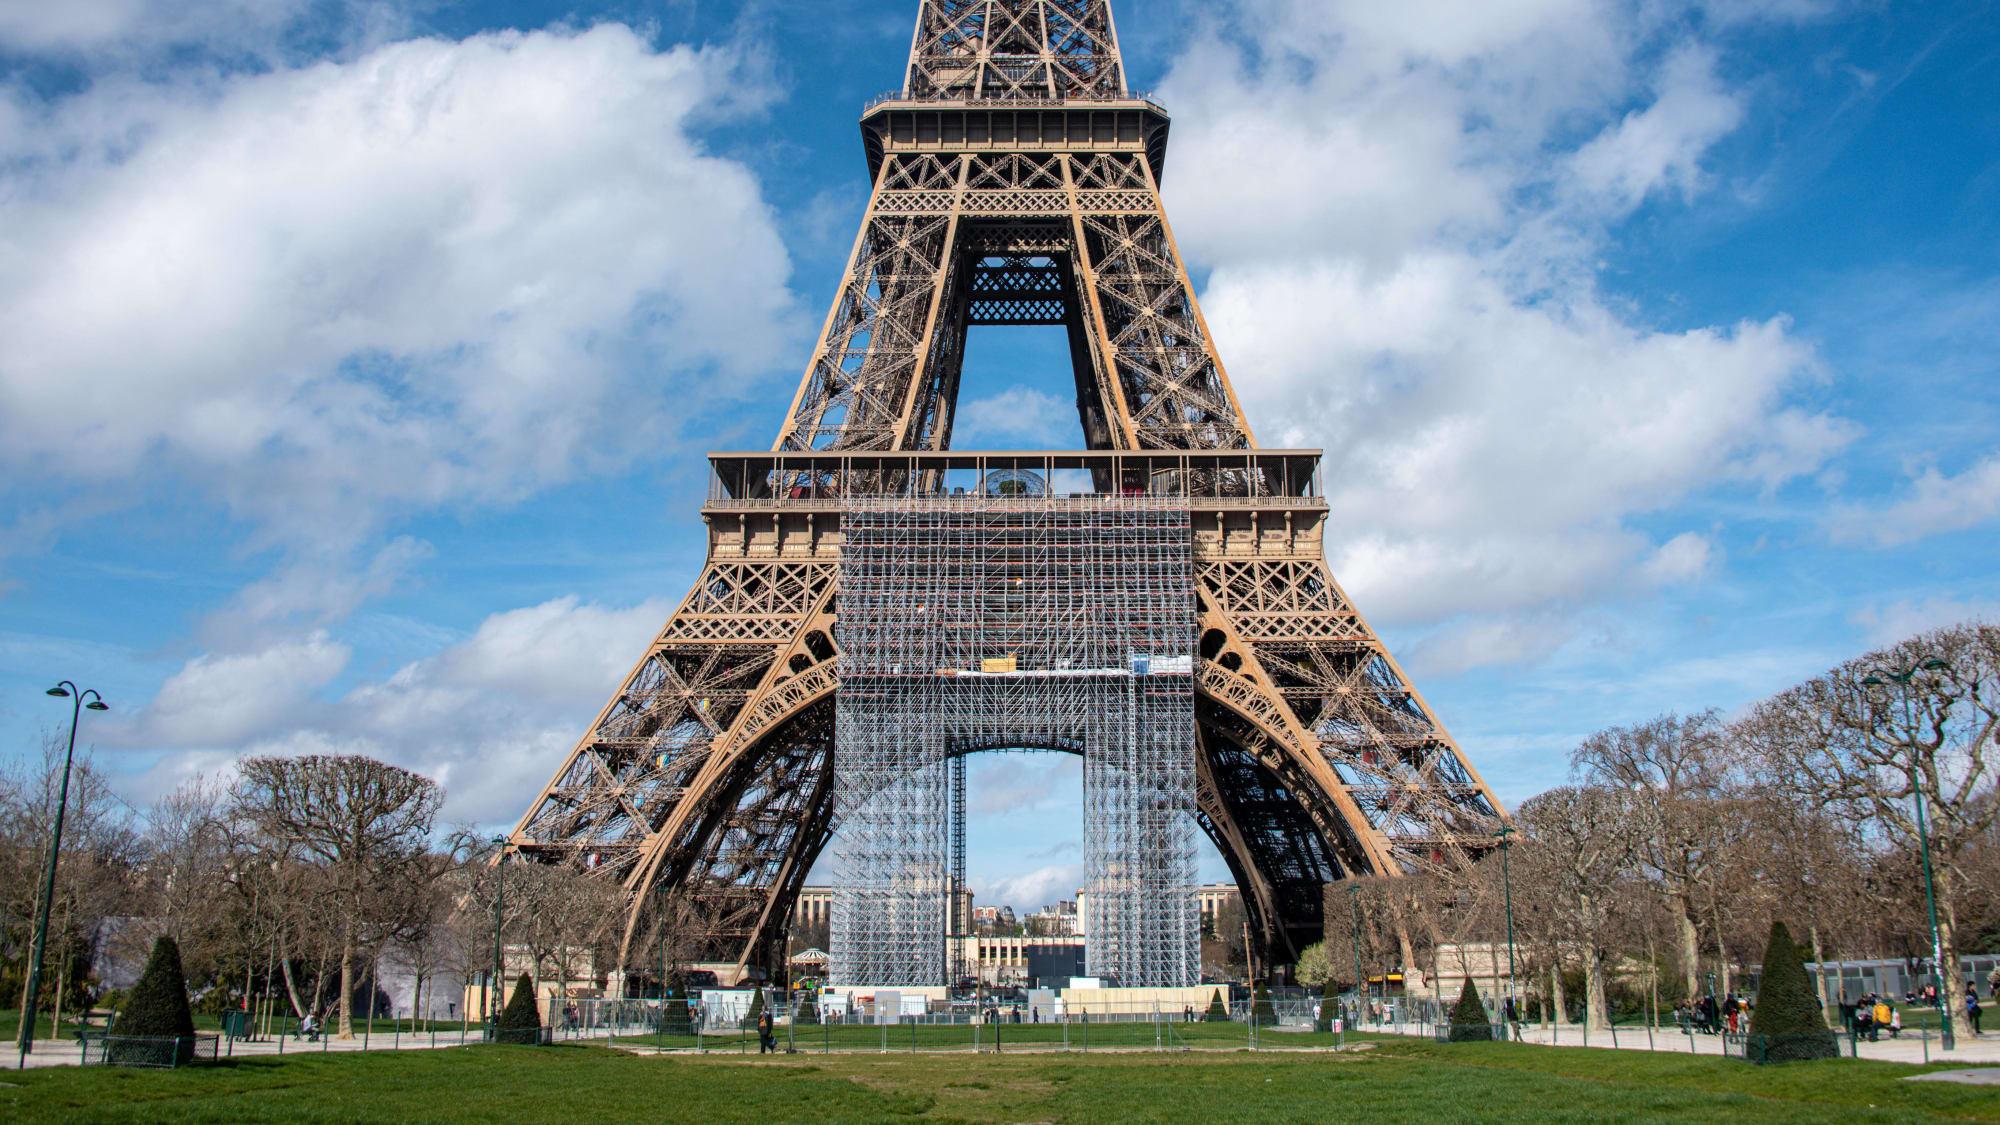 Ansicht vom Eiffelturm, alles ist leer, auf Grund der Pandemie.